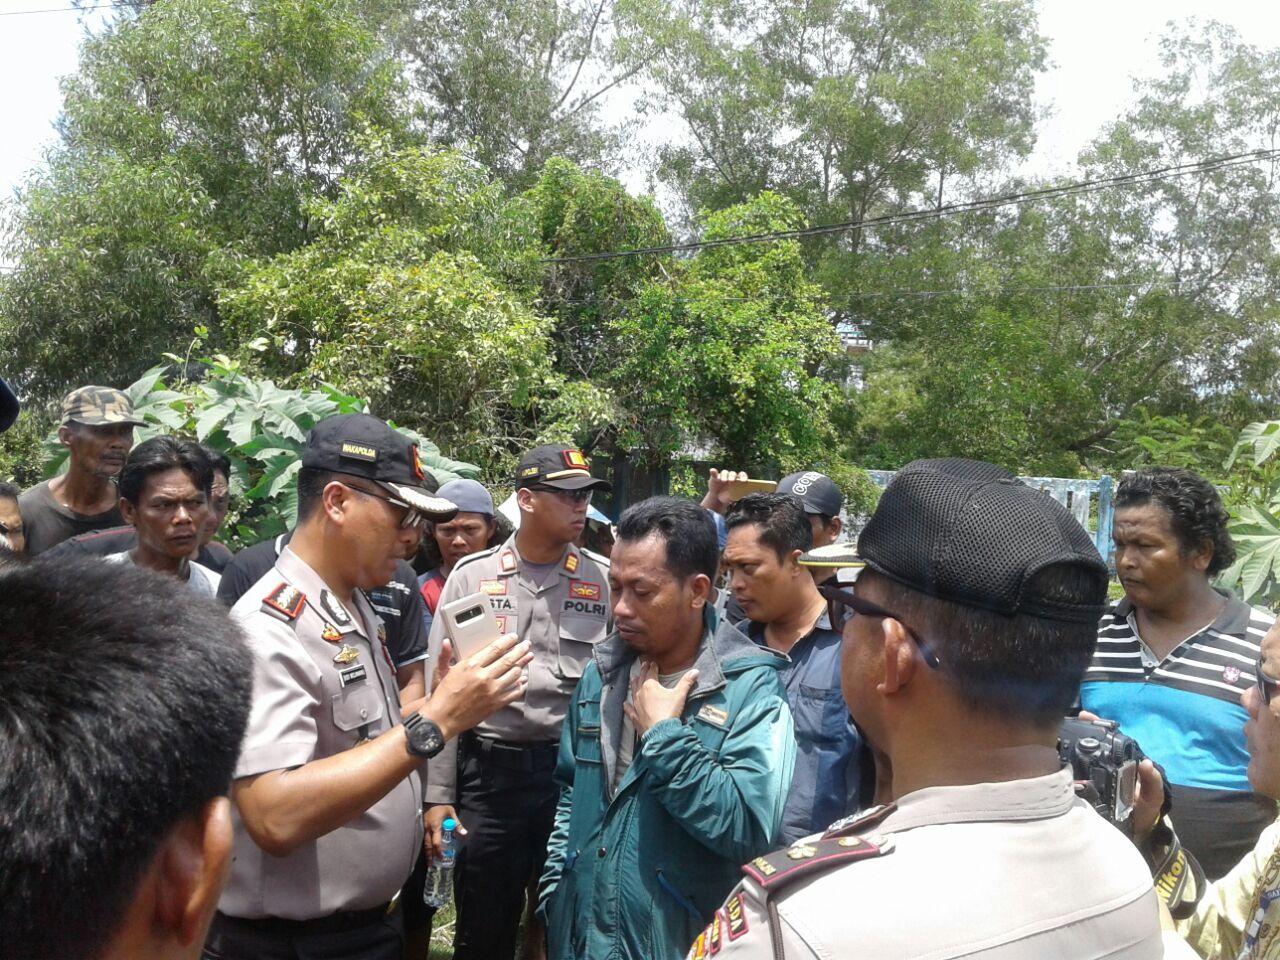 Wakapolda Bengkulu Himbau Nelayan Untuk Tidak Berbuat melawan Hukum